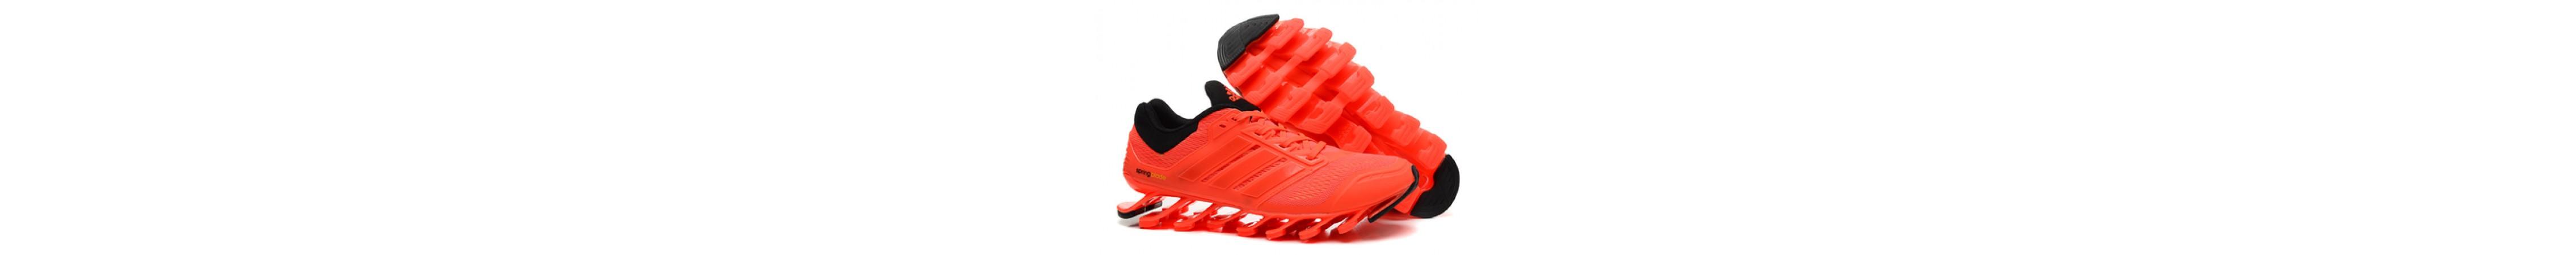 Эксклюзивная брендовая модель Беговые кроссовки Adidas SpringBlade Light Orange NEW